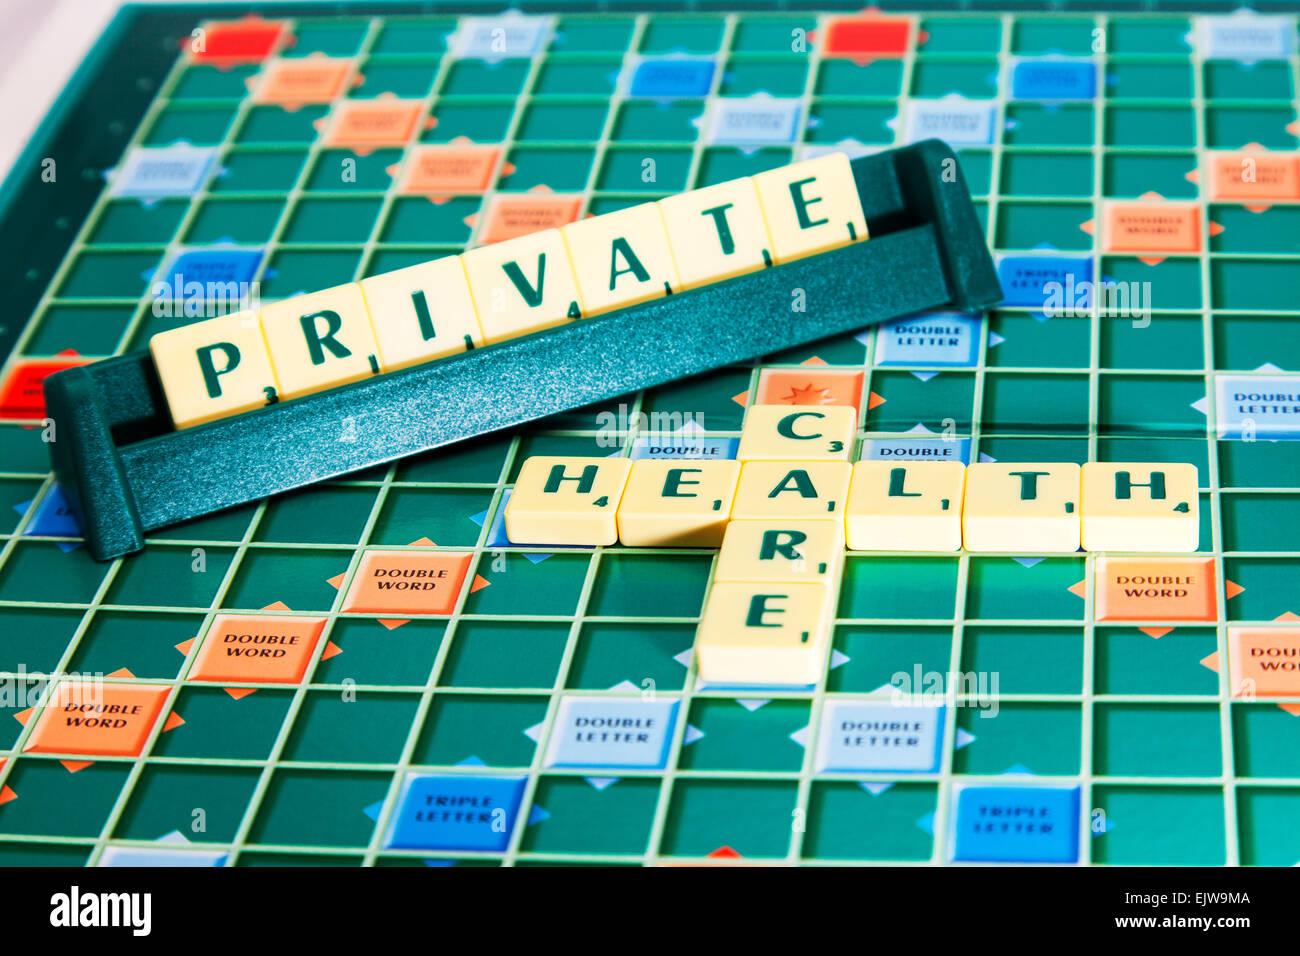 Private Gesundheitswesen medizinische Bmi Bupa insurance Wörter mit scrabble Fliesen zu buchstabieren Stockbild